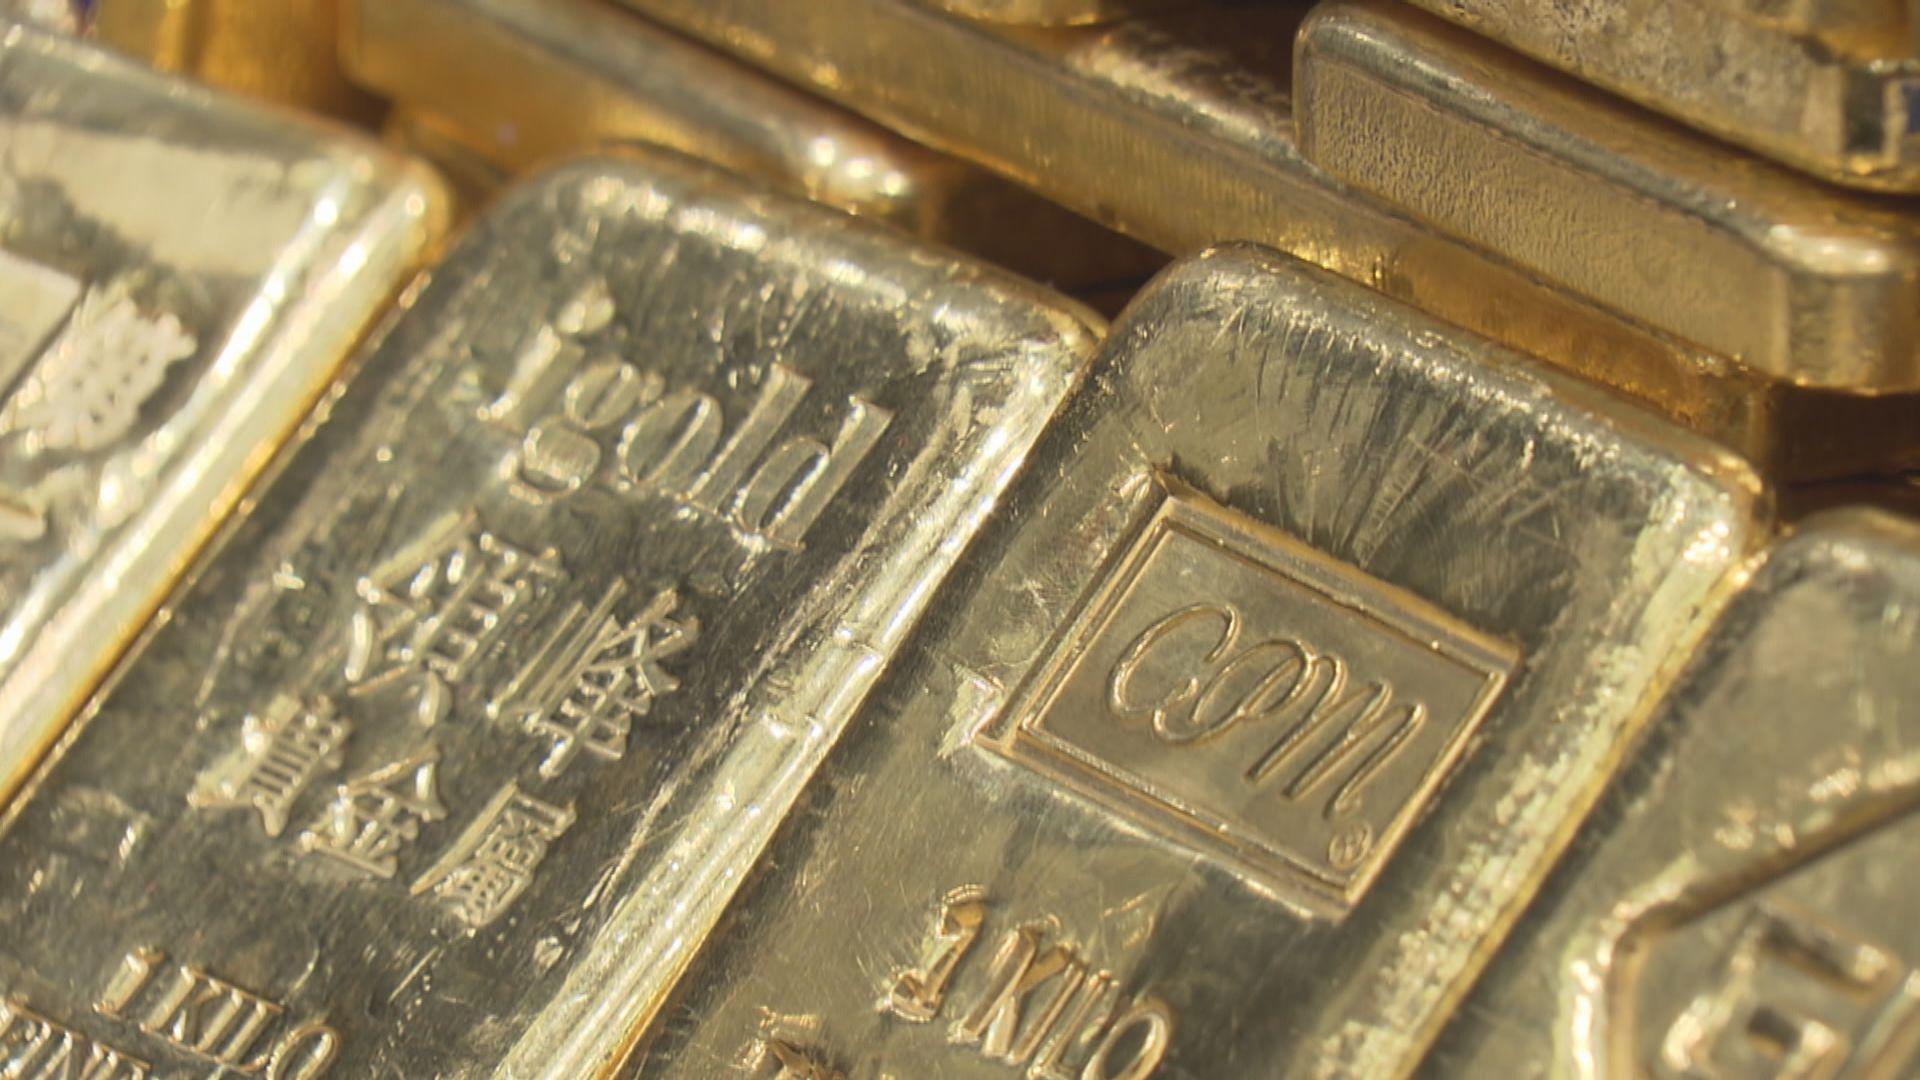 金價上升 因聯儲局官淡化通脹風險